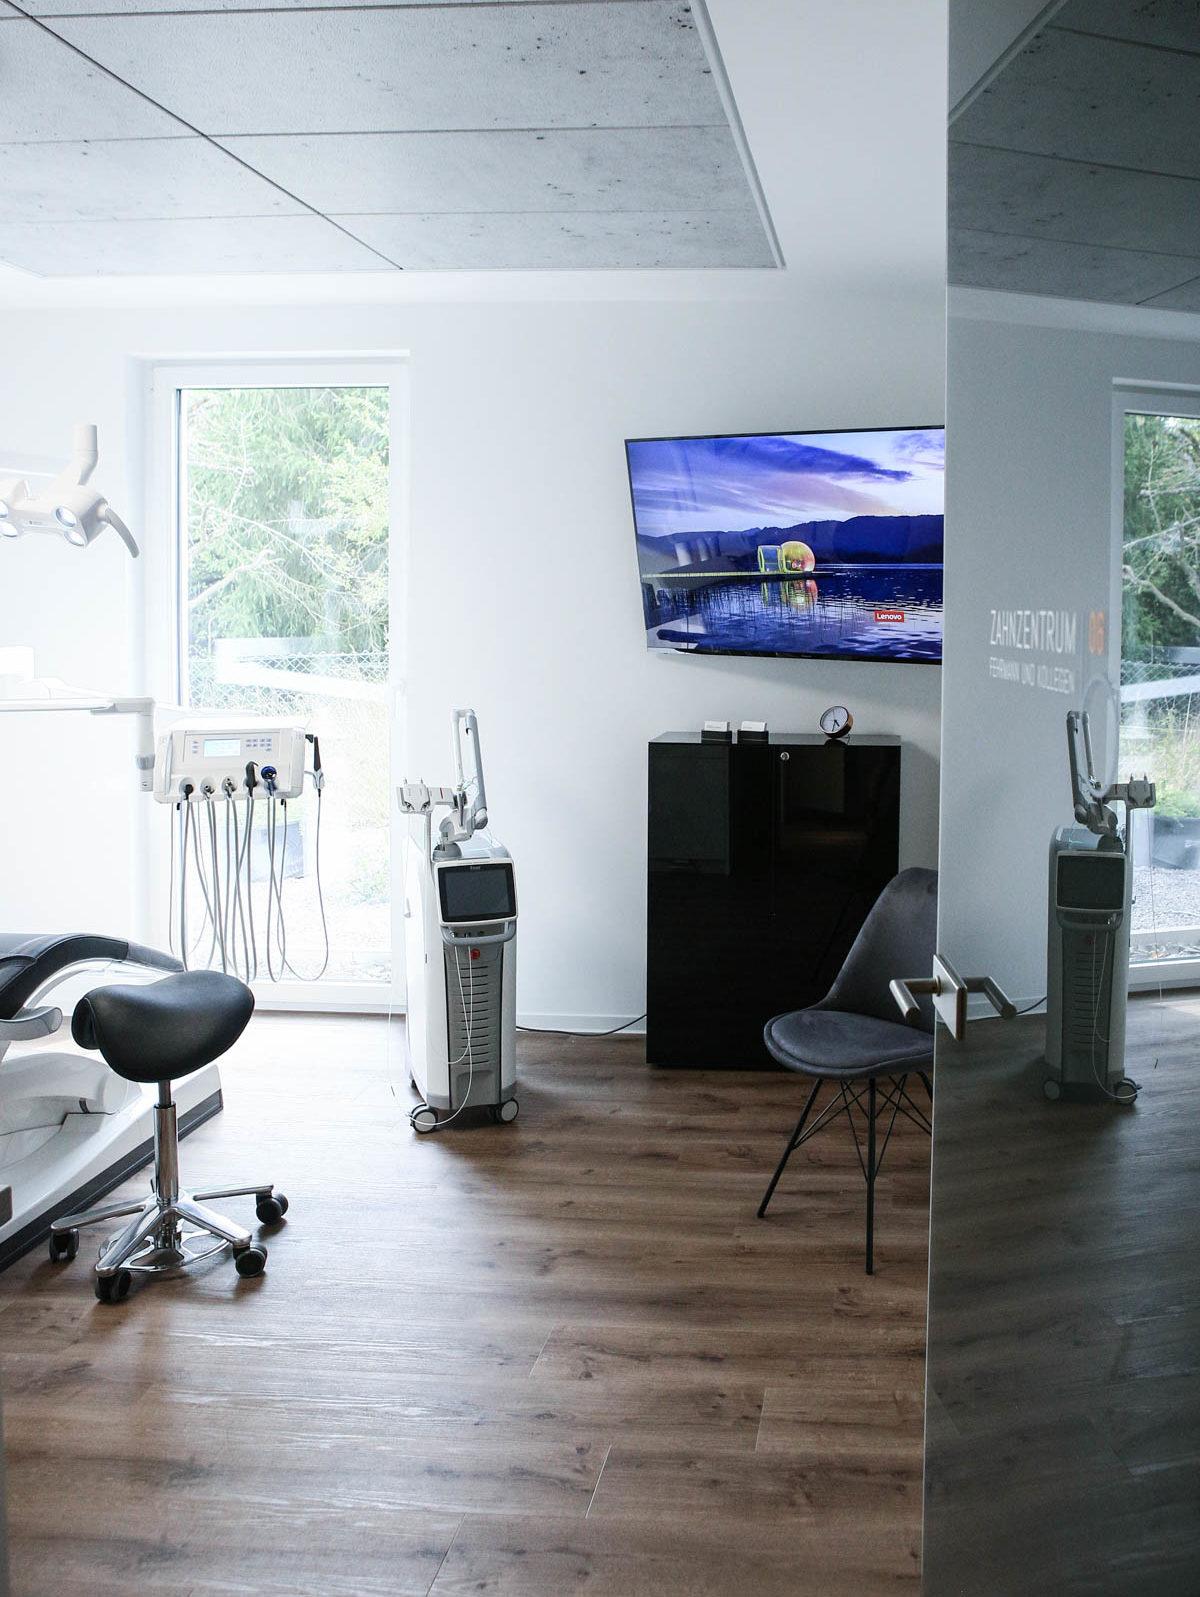 b6-zahnzentrum-heuchelheim-giessen-praxis